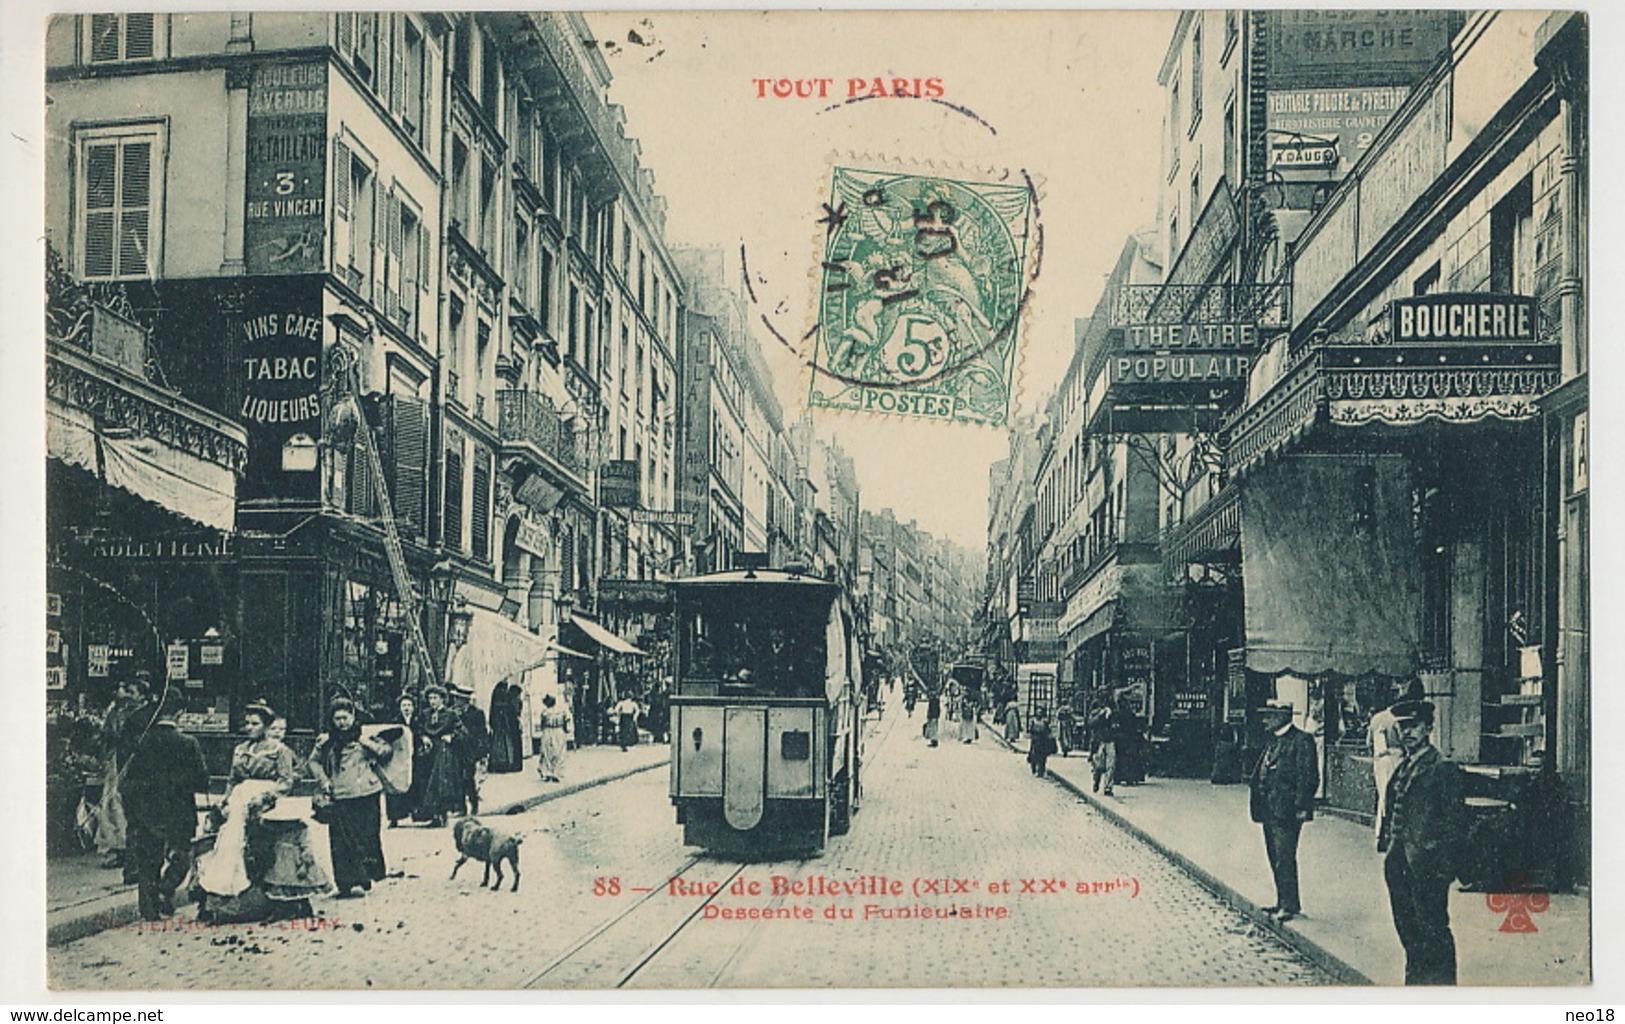 Tout Paris Rue De Belleville 88 XIX Et XX Descente Du Funiculaire Edit Fleury Theatre Populaire Boucherie - Arrondissement: 20